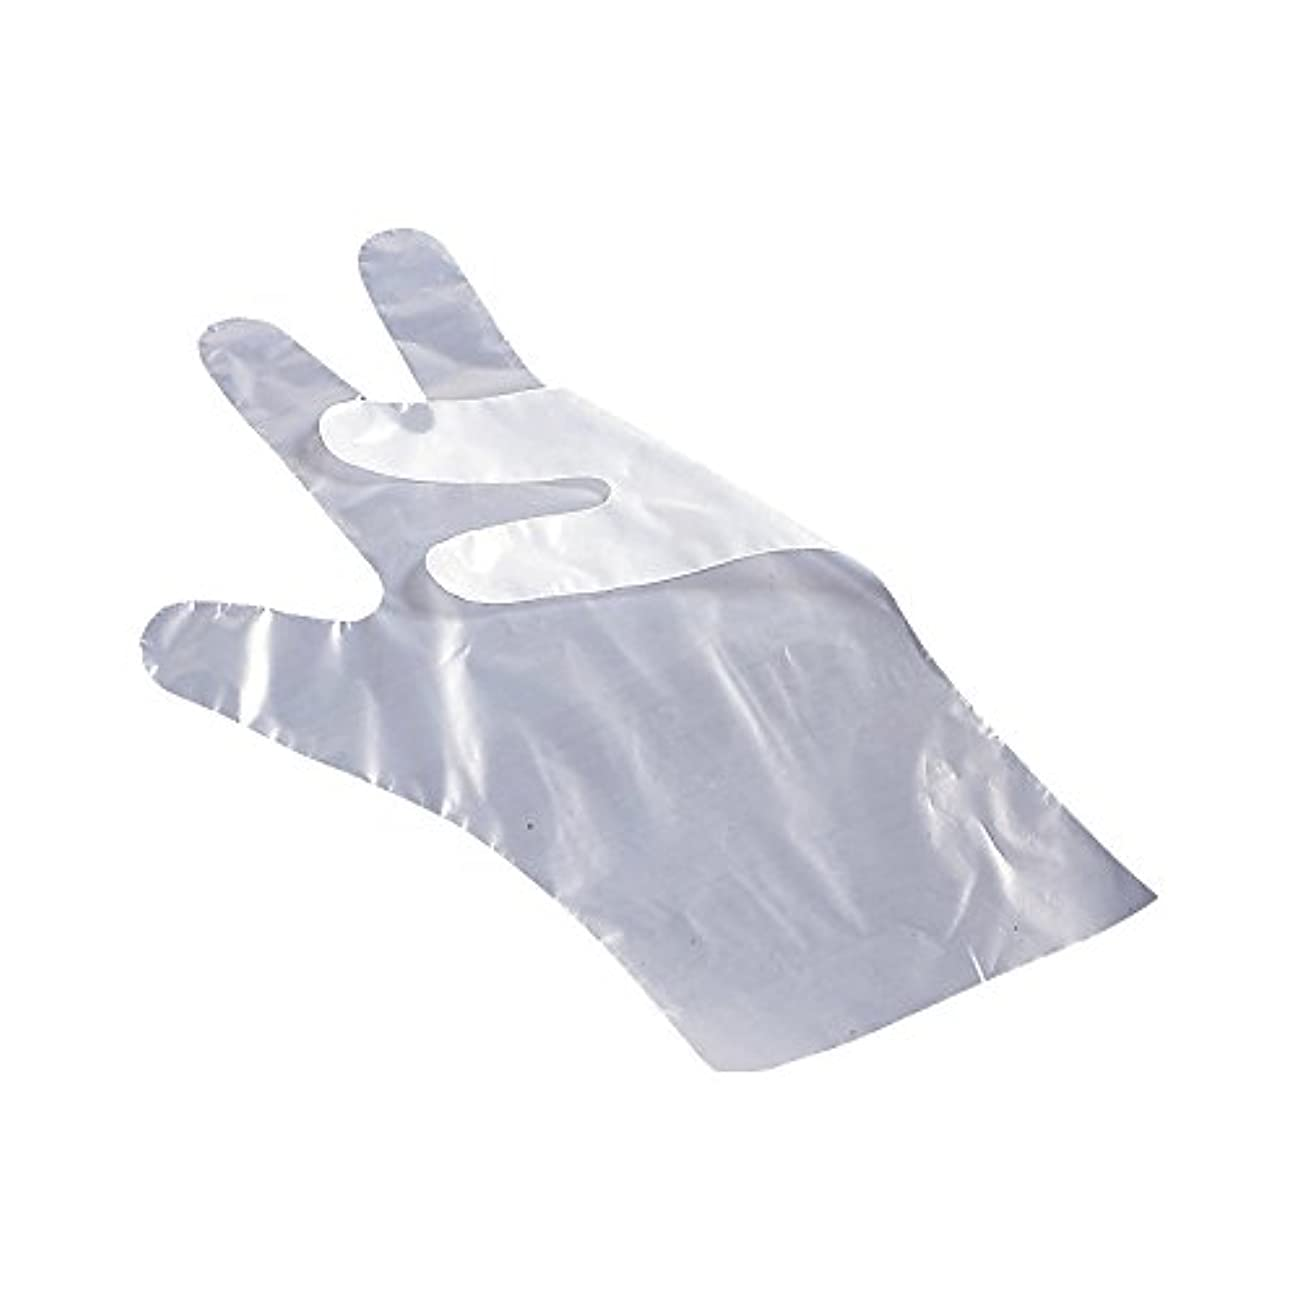 精査する壊れた明らかサクラメンエンボス手袋 デラックス 白 S 100枚入